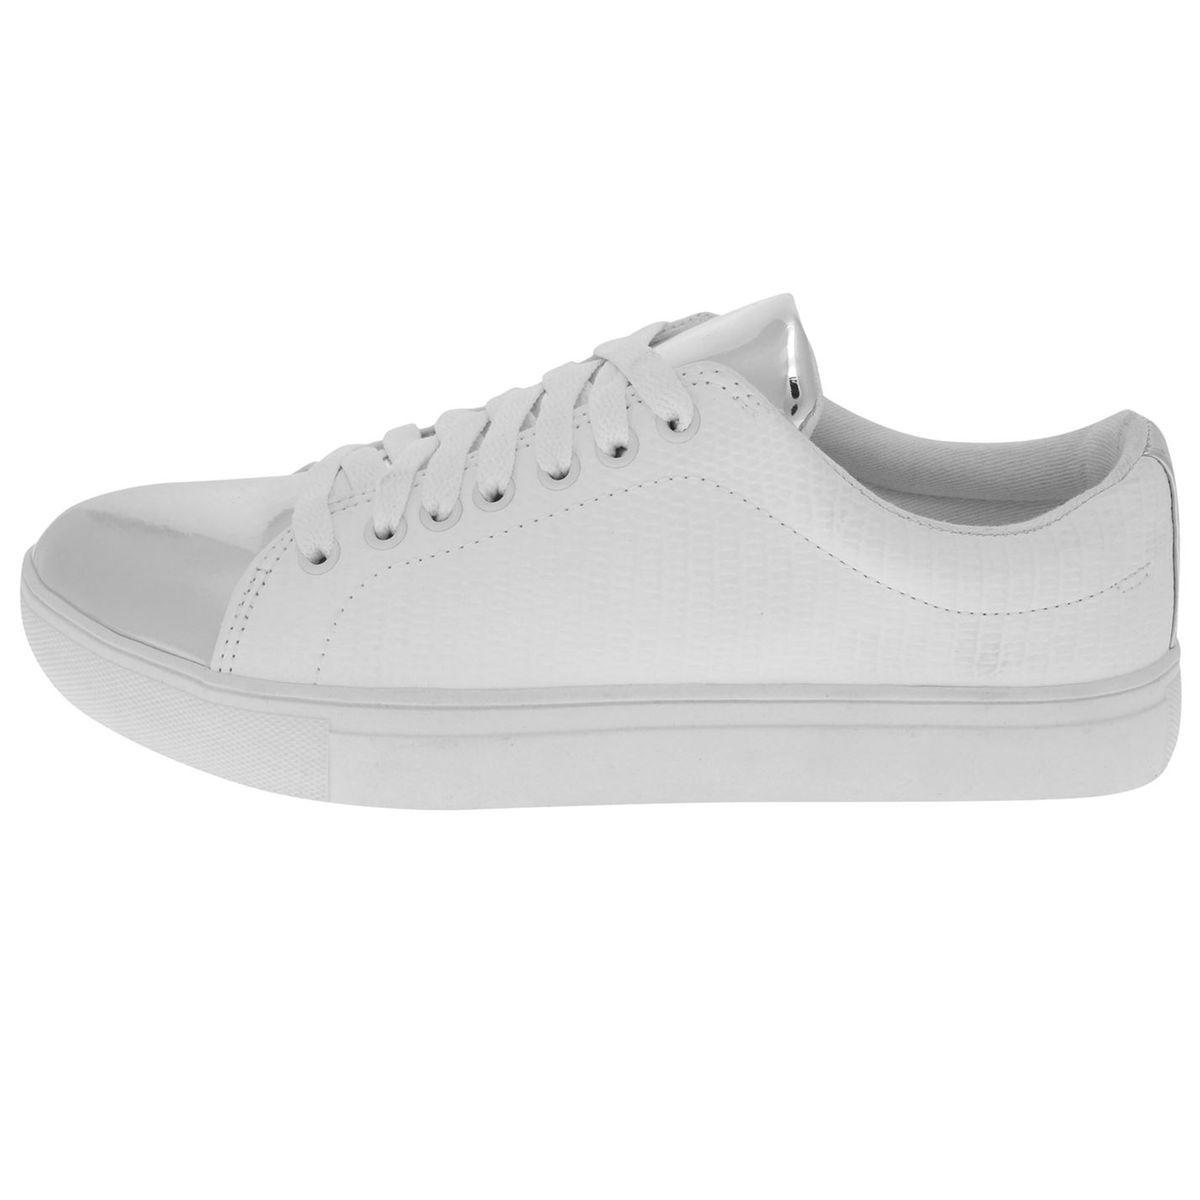 Chaussures De Sport En Salle A Lacets Taille 38 39 Products